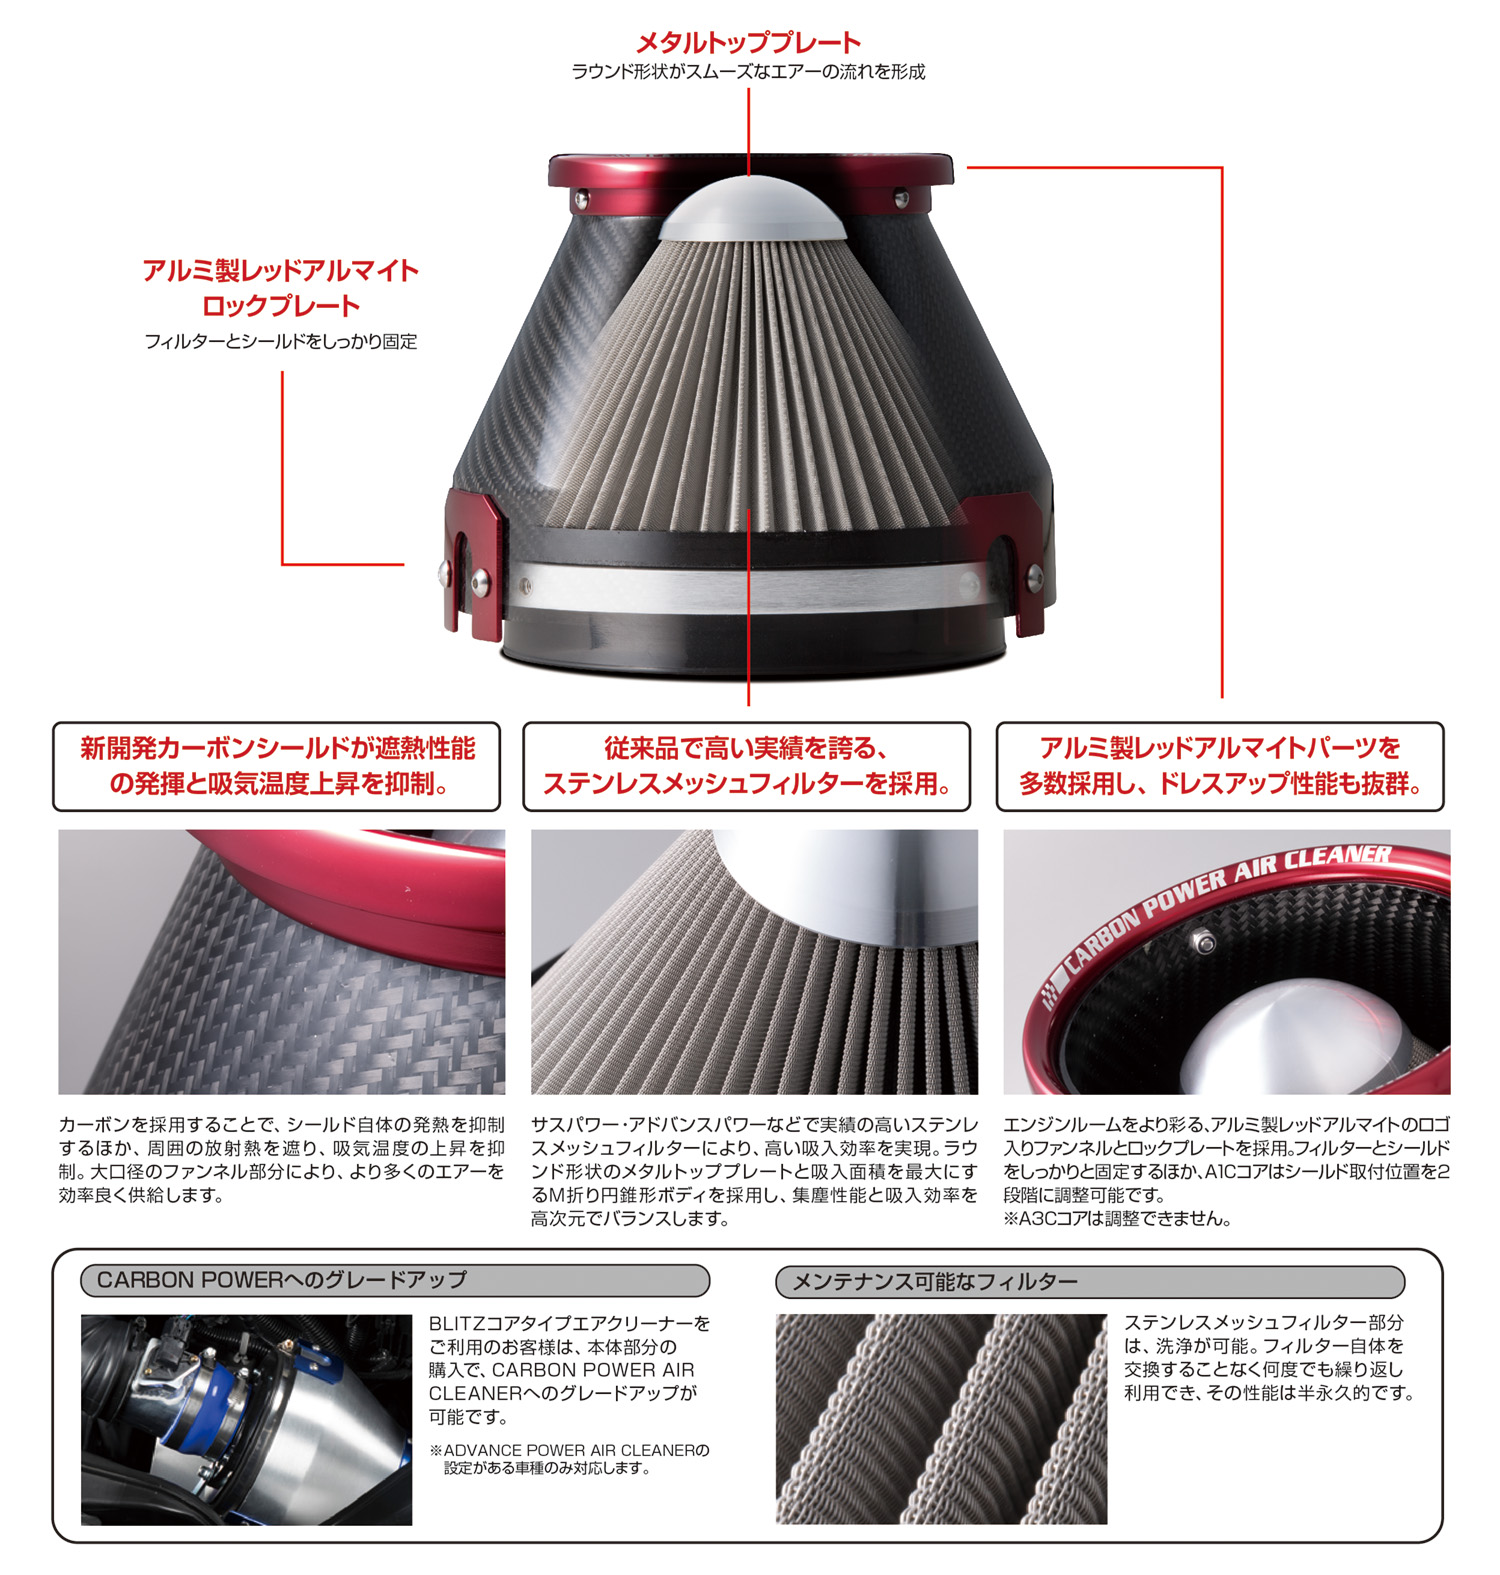 フィルター単品 (A1) BLITZ 42001 ADVANCE POWERAIR CLEANER (アドバンスパワーエアクリーナー) (ブリッツ)